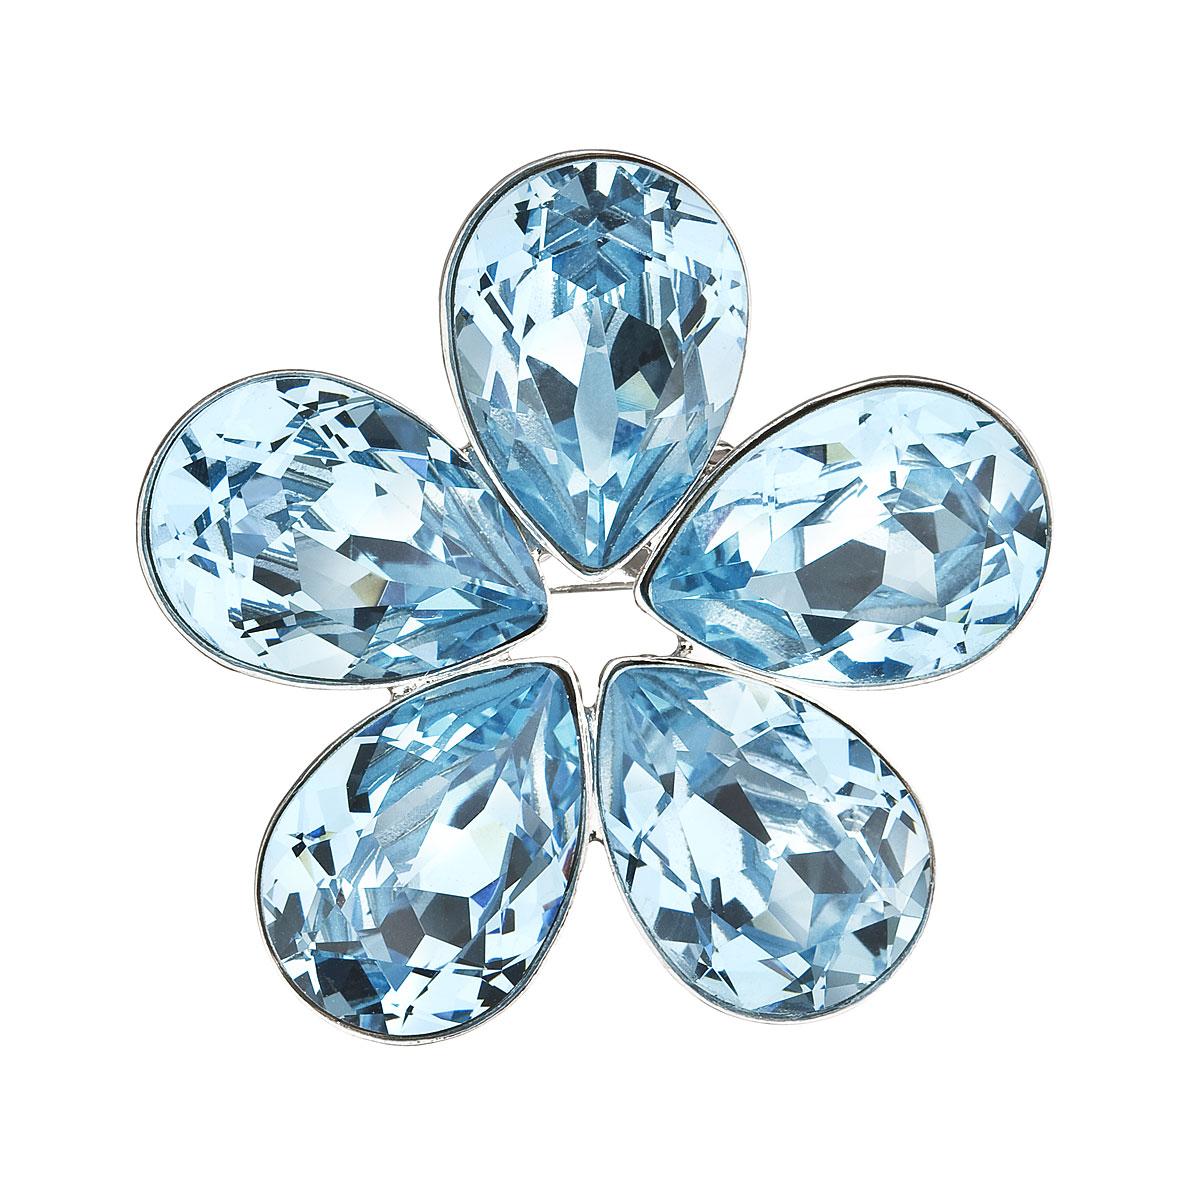 Brož bižuterie se Swarovski krystaly modrá kytička 58003.3 aqua